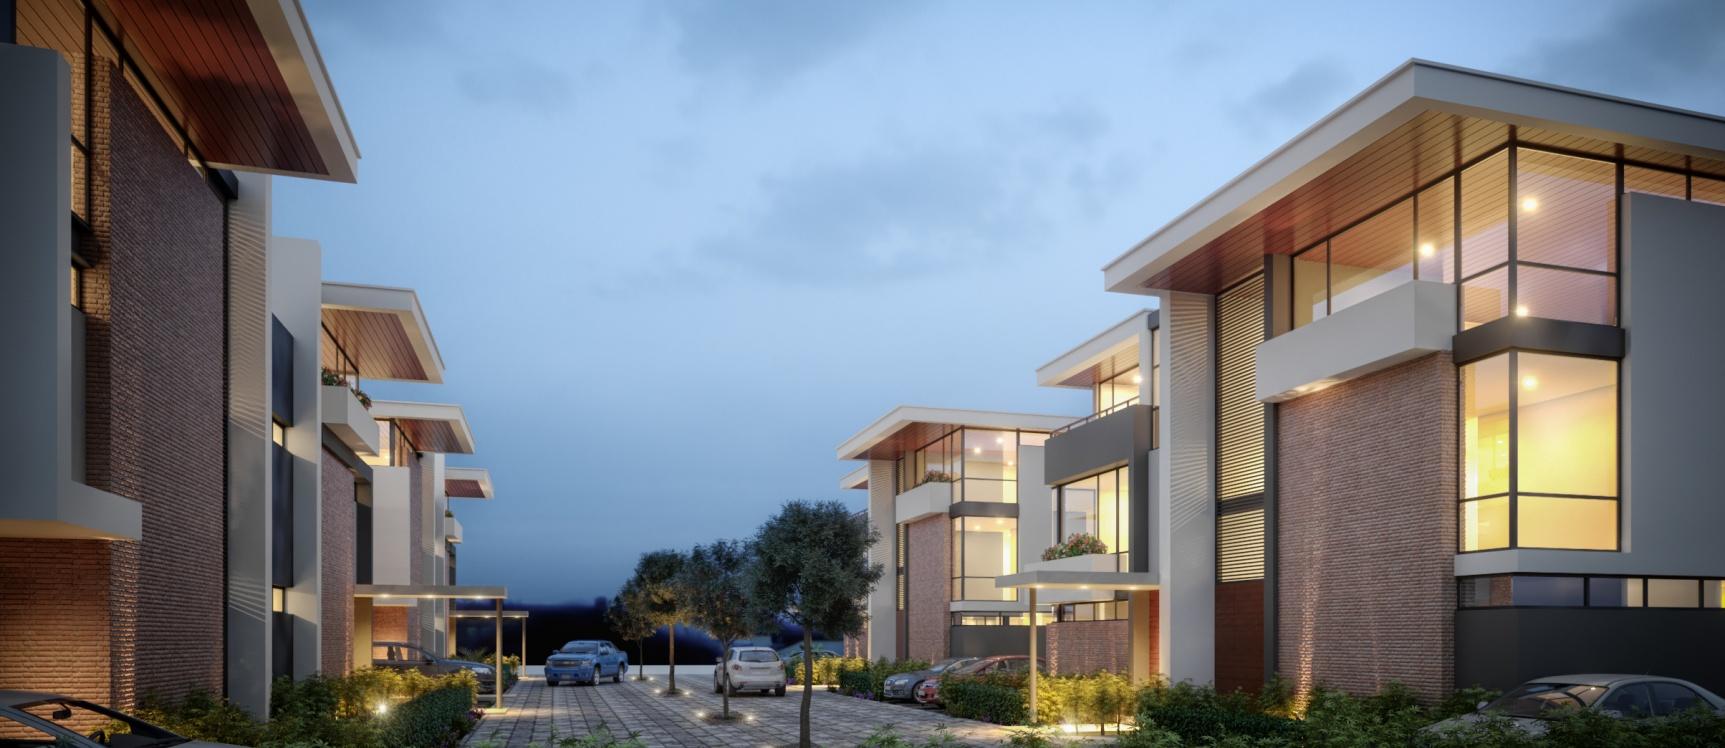 GeoBienes - San Esteban Townhouse 2 - Plusvalia Guayaquil Casas de venta y alquiler Inmobiliaria Ecuador